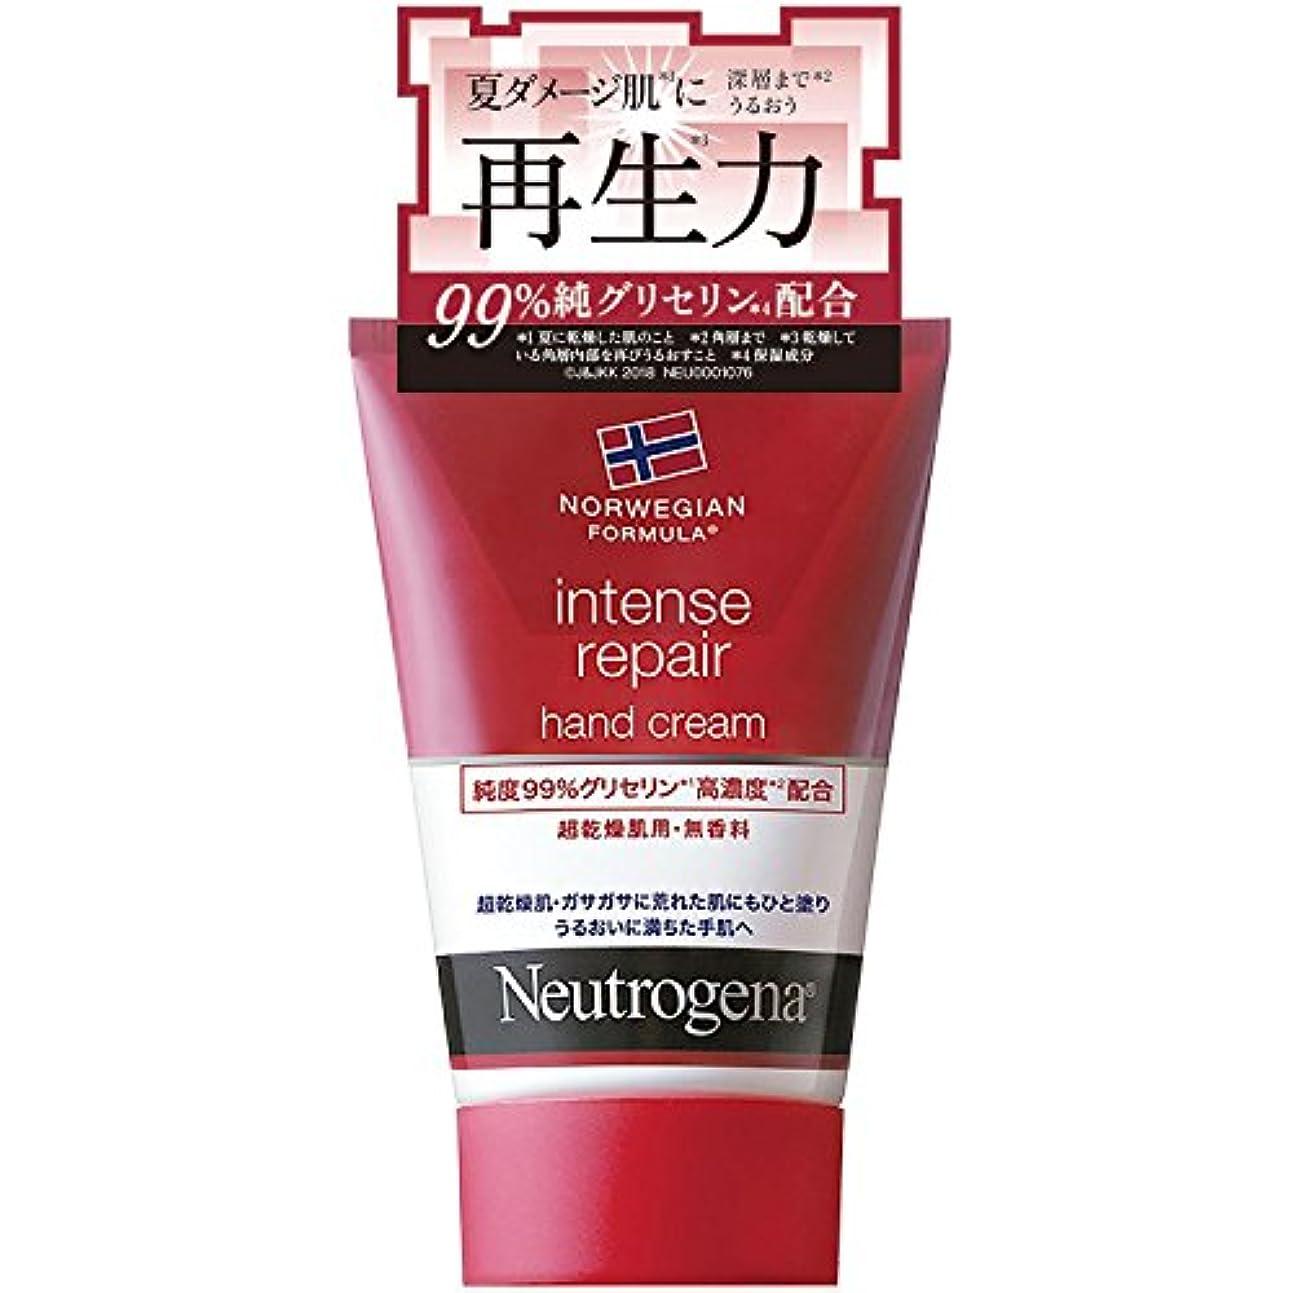 売上高ボアフェローシップNeutrogena(ニュートロジーナ) ノルウェーフォーミュラ インテンスリペア ハンドクリーム 超乾燥肌用 無香料 単品 50g